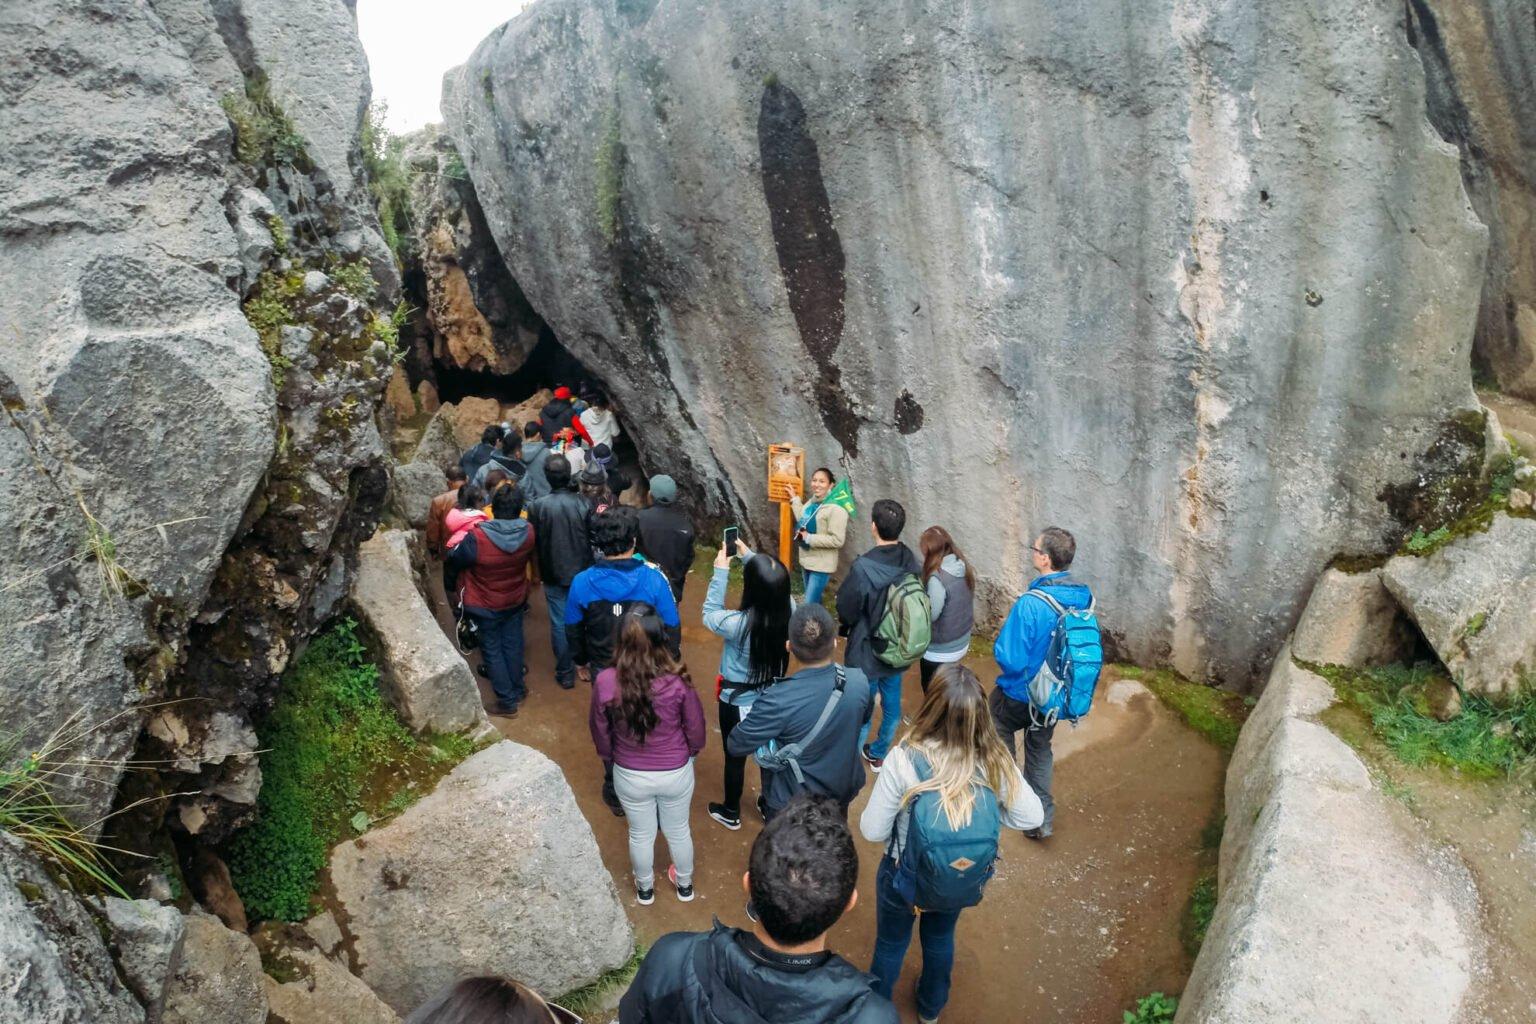 Qenqo: entrada do local onde eram realizados os rituais incas